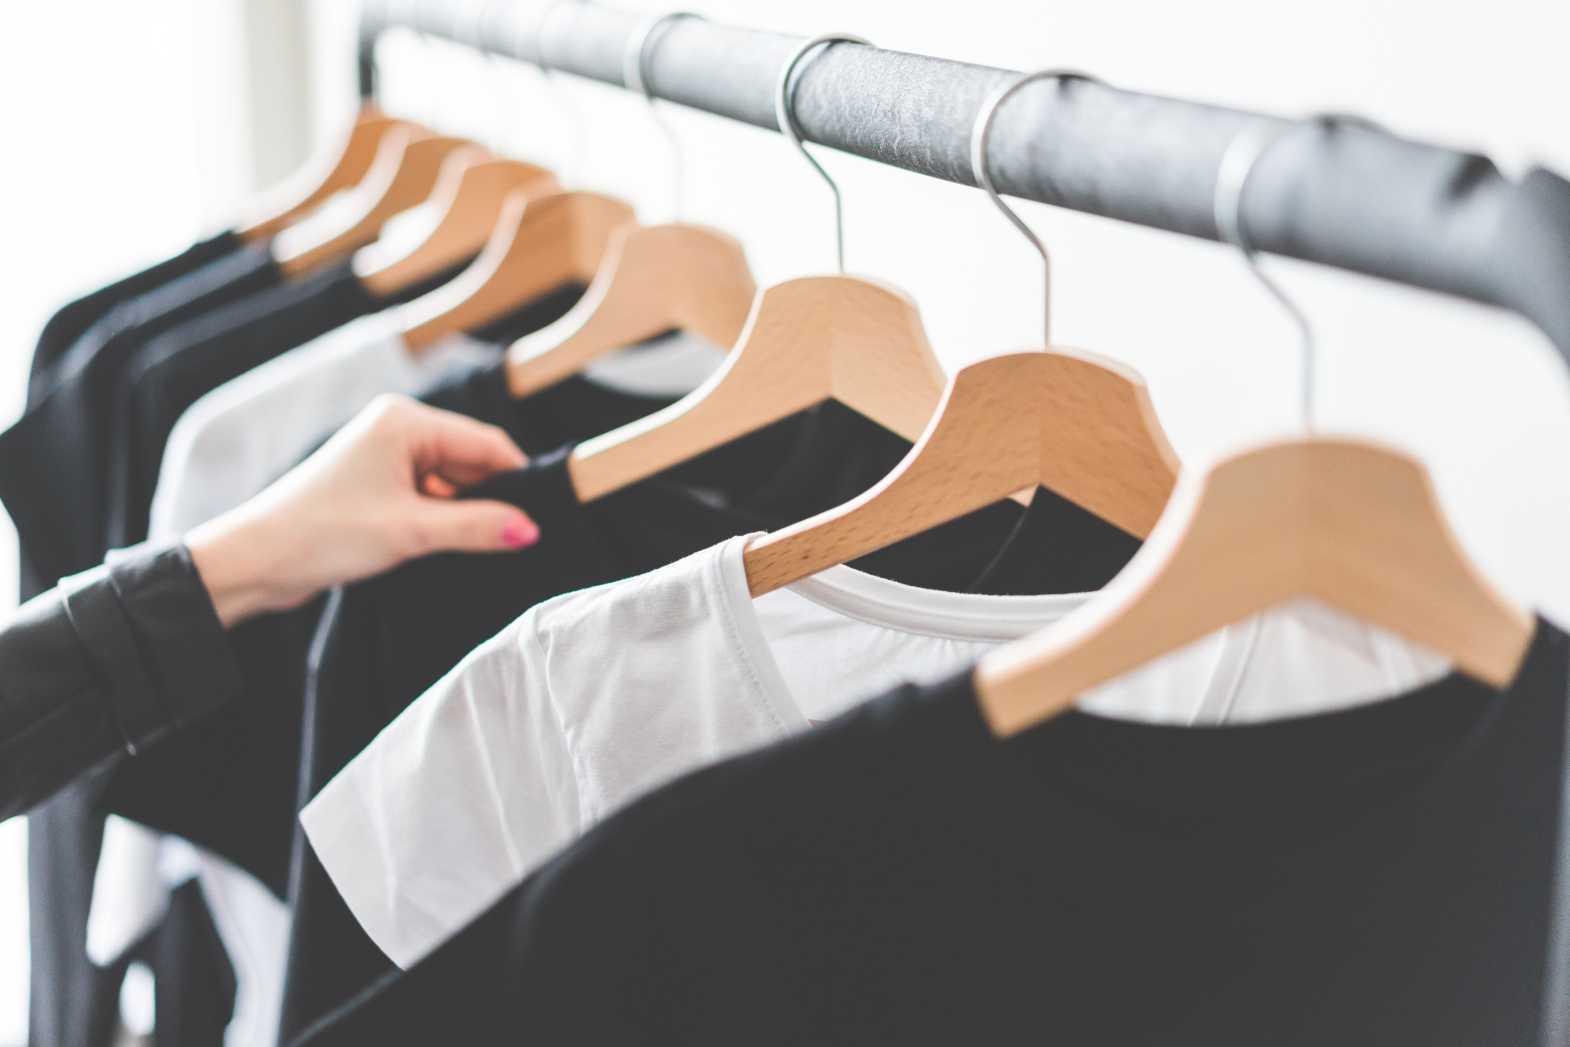 自分に必要な服がわかるようになるので  買い物がスムーズになり、無駄がなくなる。